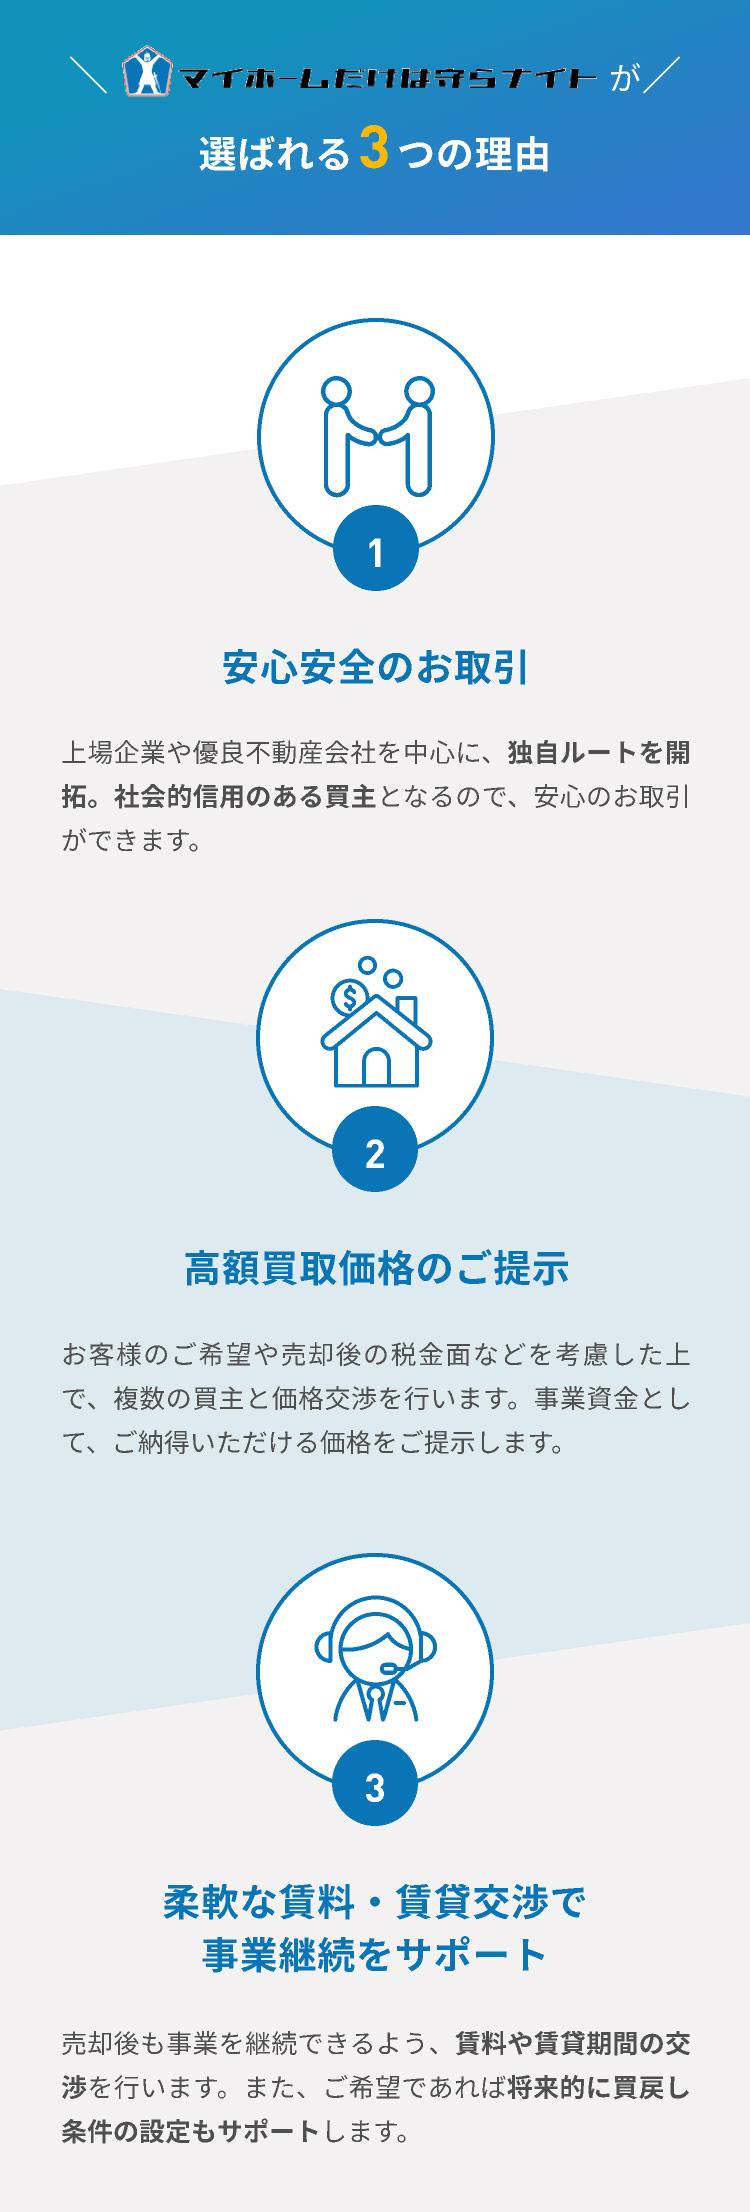 マイホームだけは守らナイトが選ばれる3つの理由。安心のお取引。高額買取価格のと提示。柔軟な賃料・賃貸交渉で事業継続をサポート。